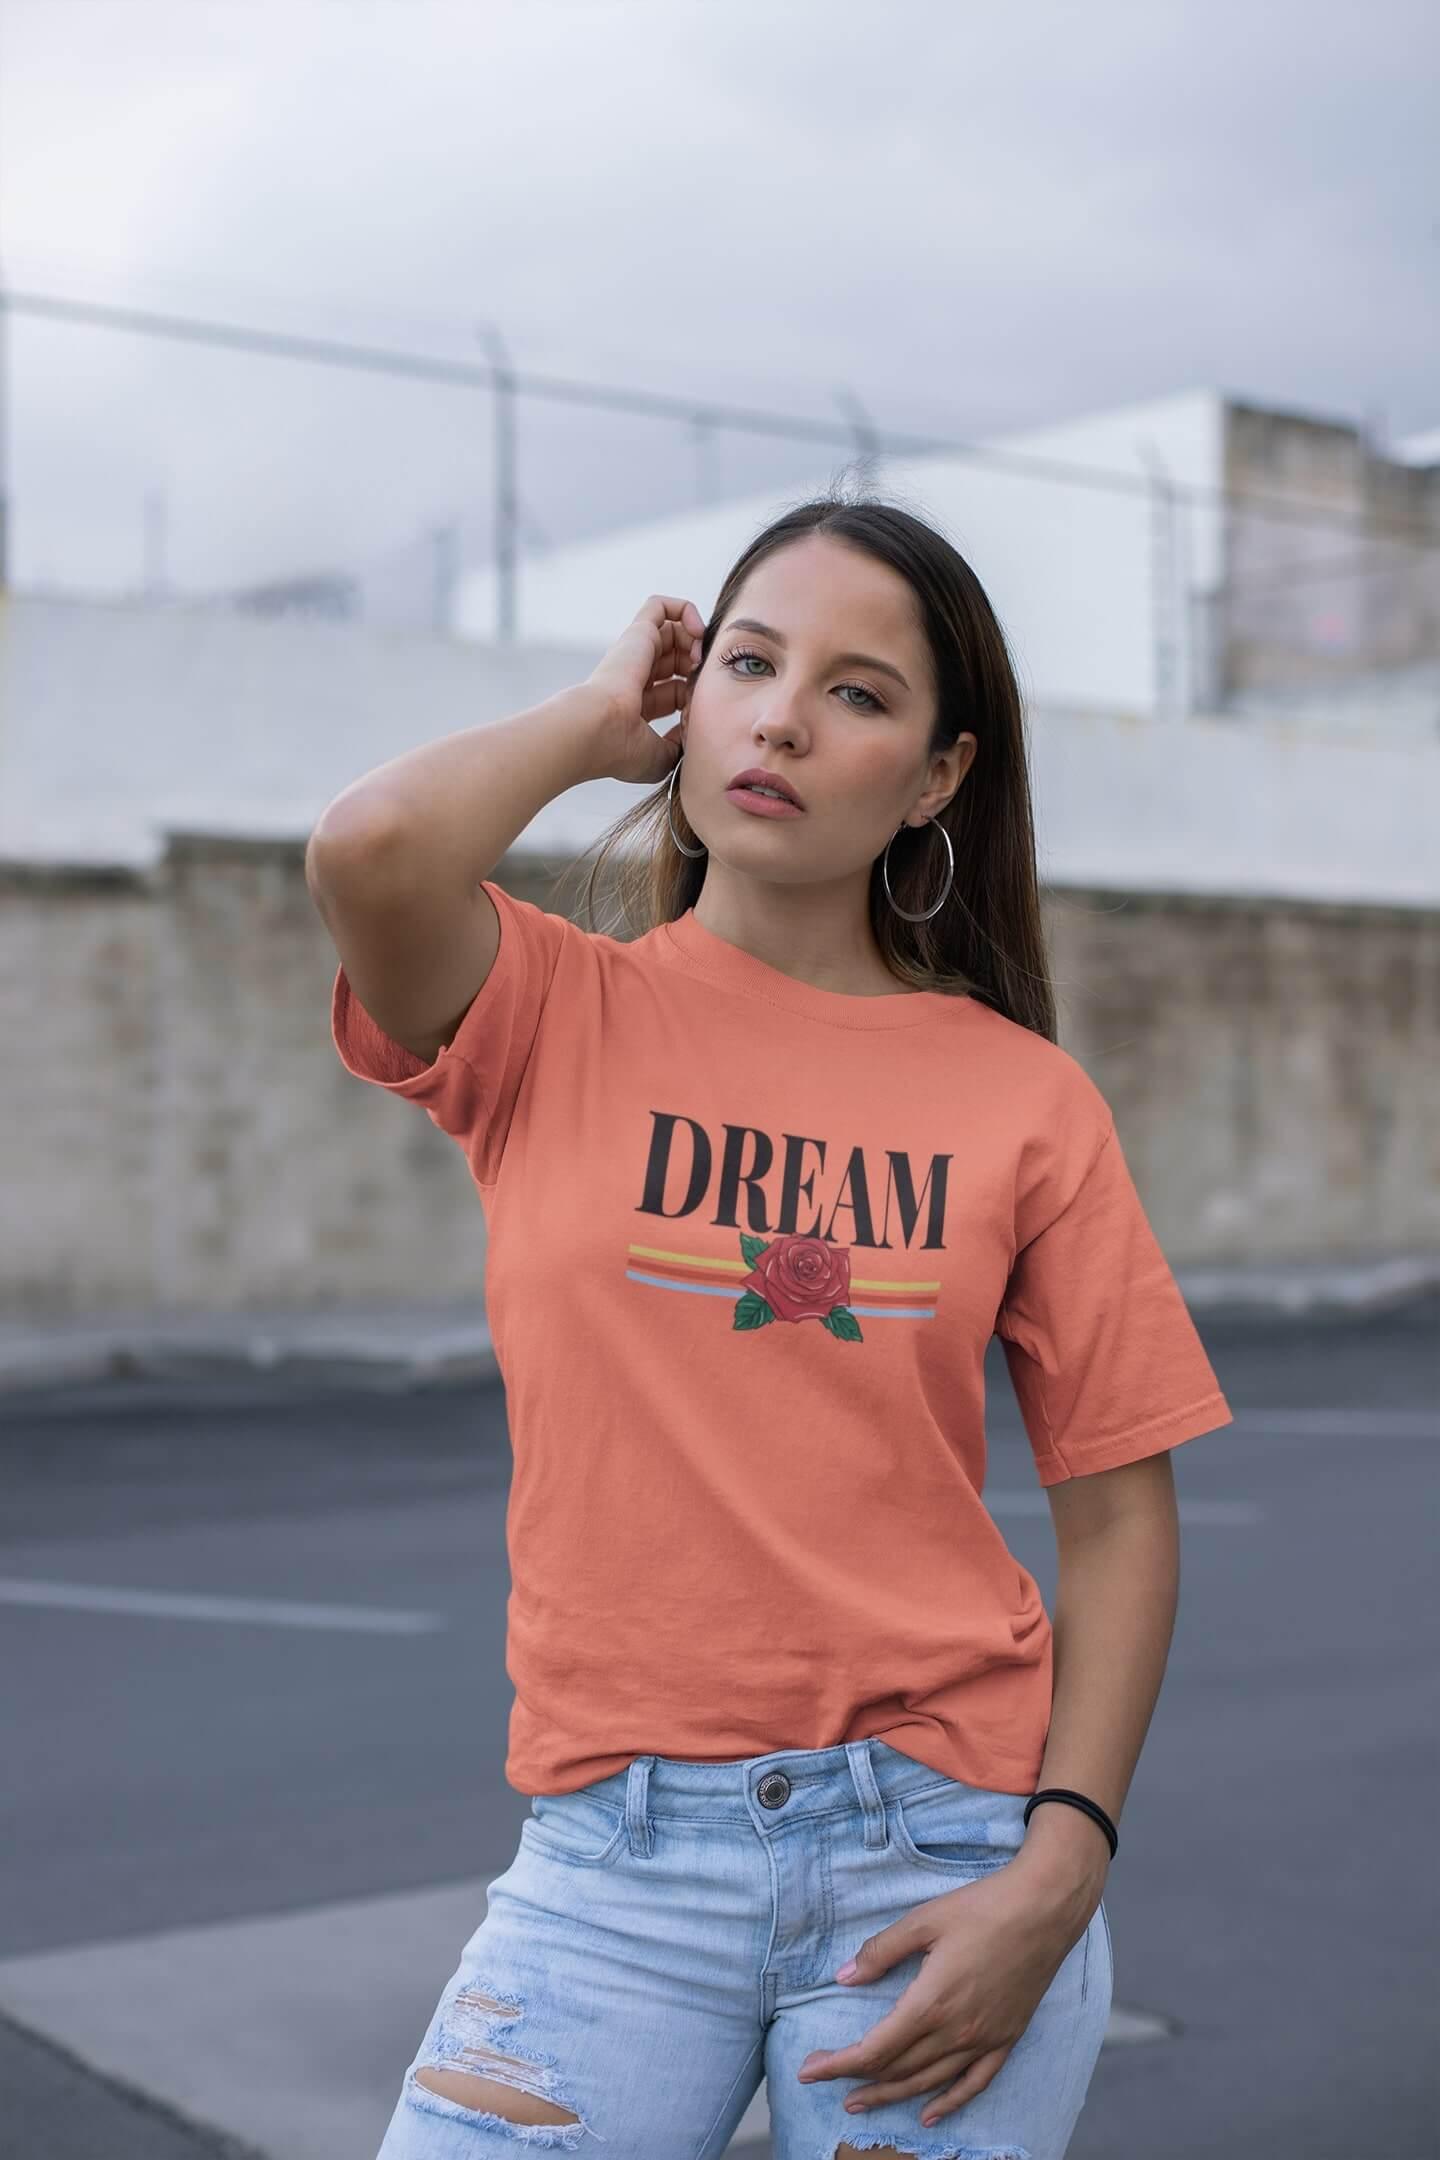 MMO Dámske tričko Dream Vyberte farbu: Korálová, Vyberte veľkosť: M